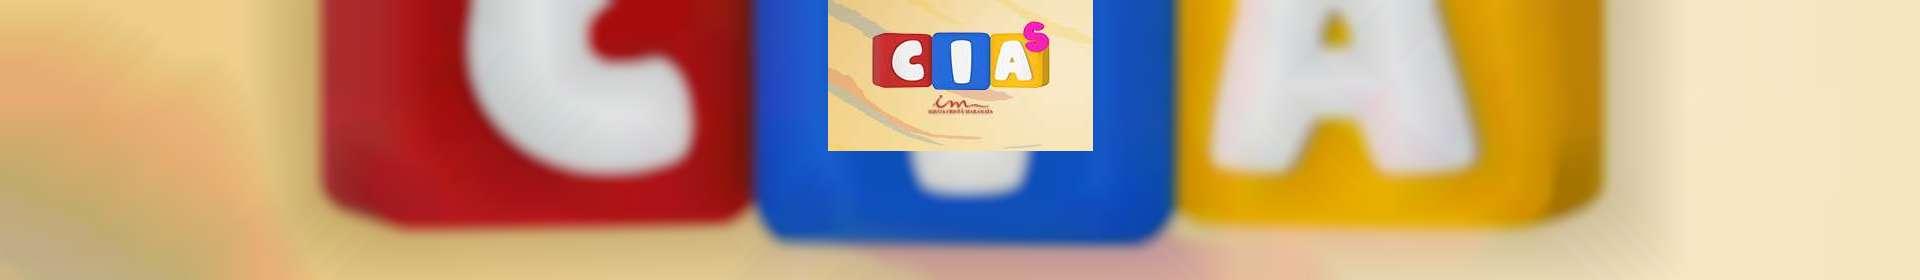 Aula de CIAS: classe de 11 a 15 anos - 28 de maio de 2020